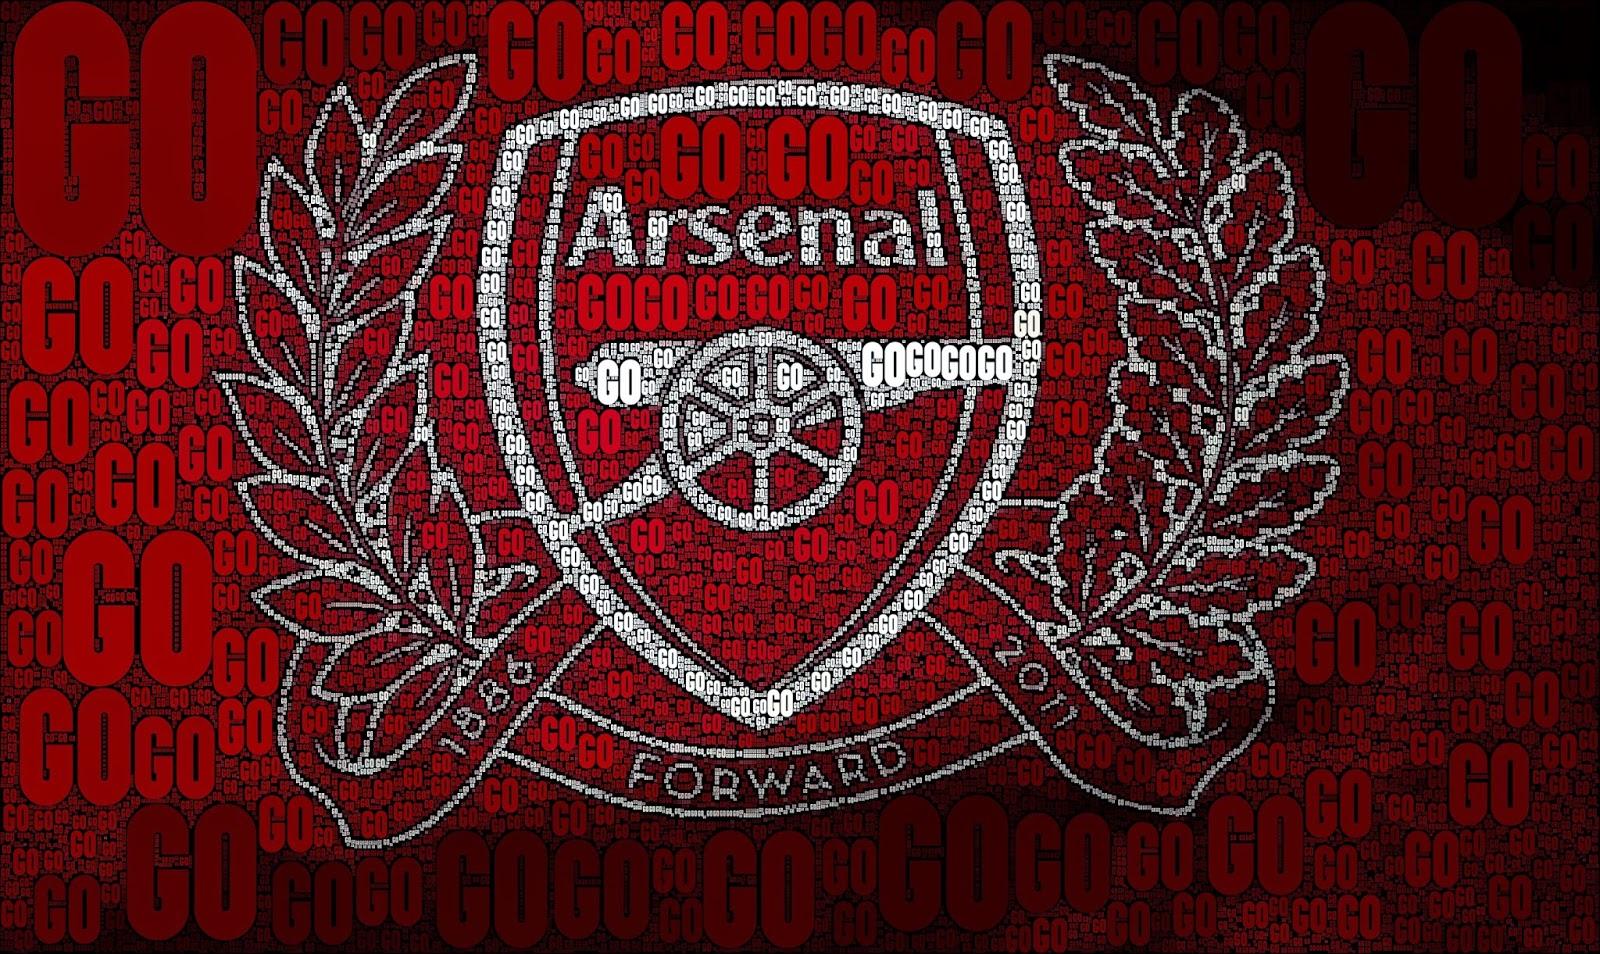 Kumpulan Arsenal Wallpaper Android Market: Arsenal Football Club Wallpaper